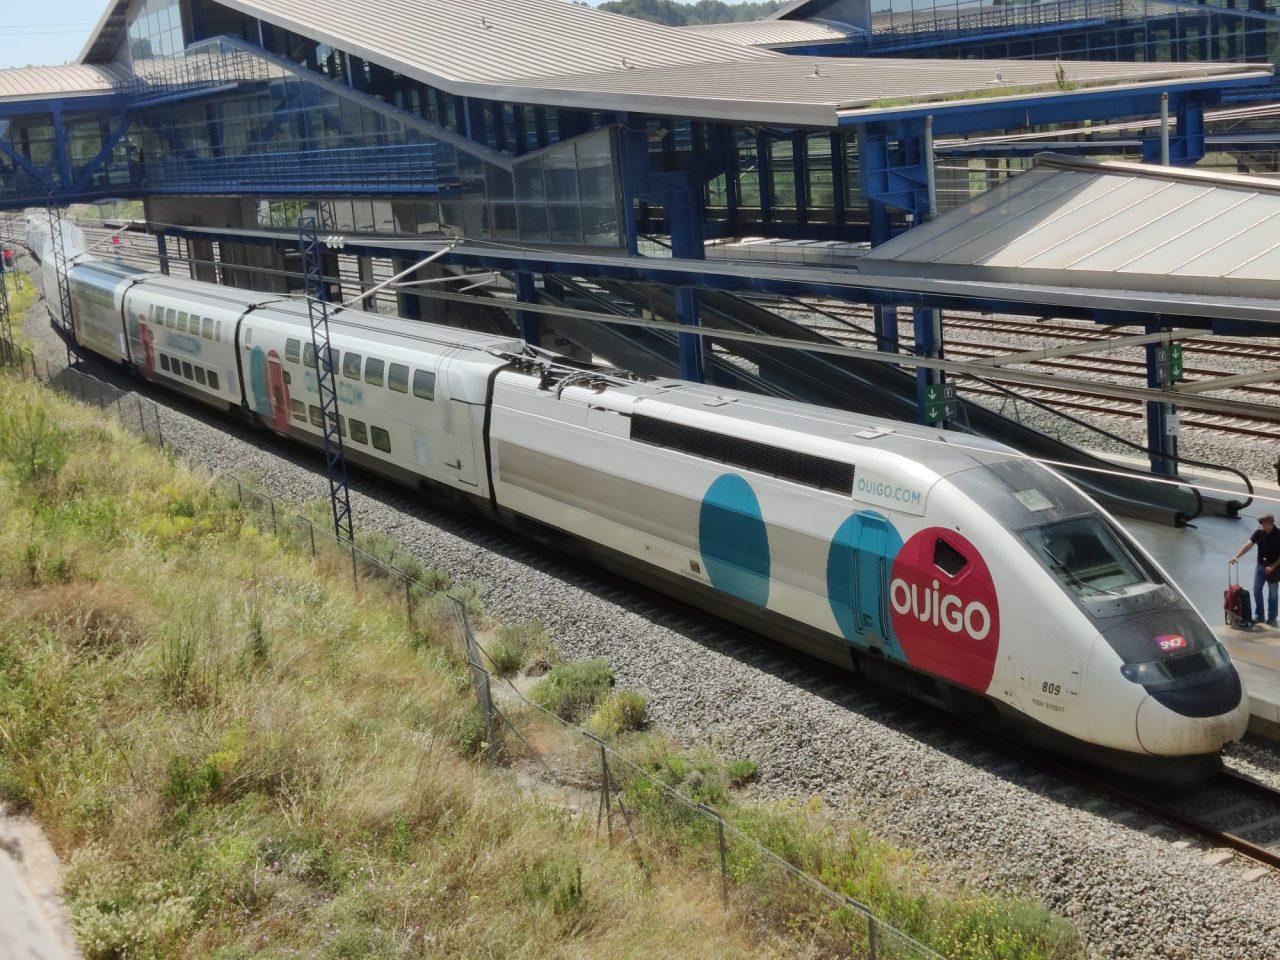 Ouigo-tren2-1280x960.jpg